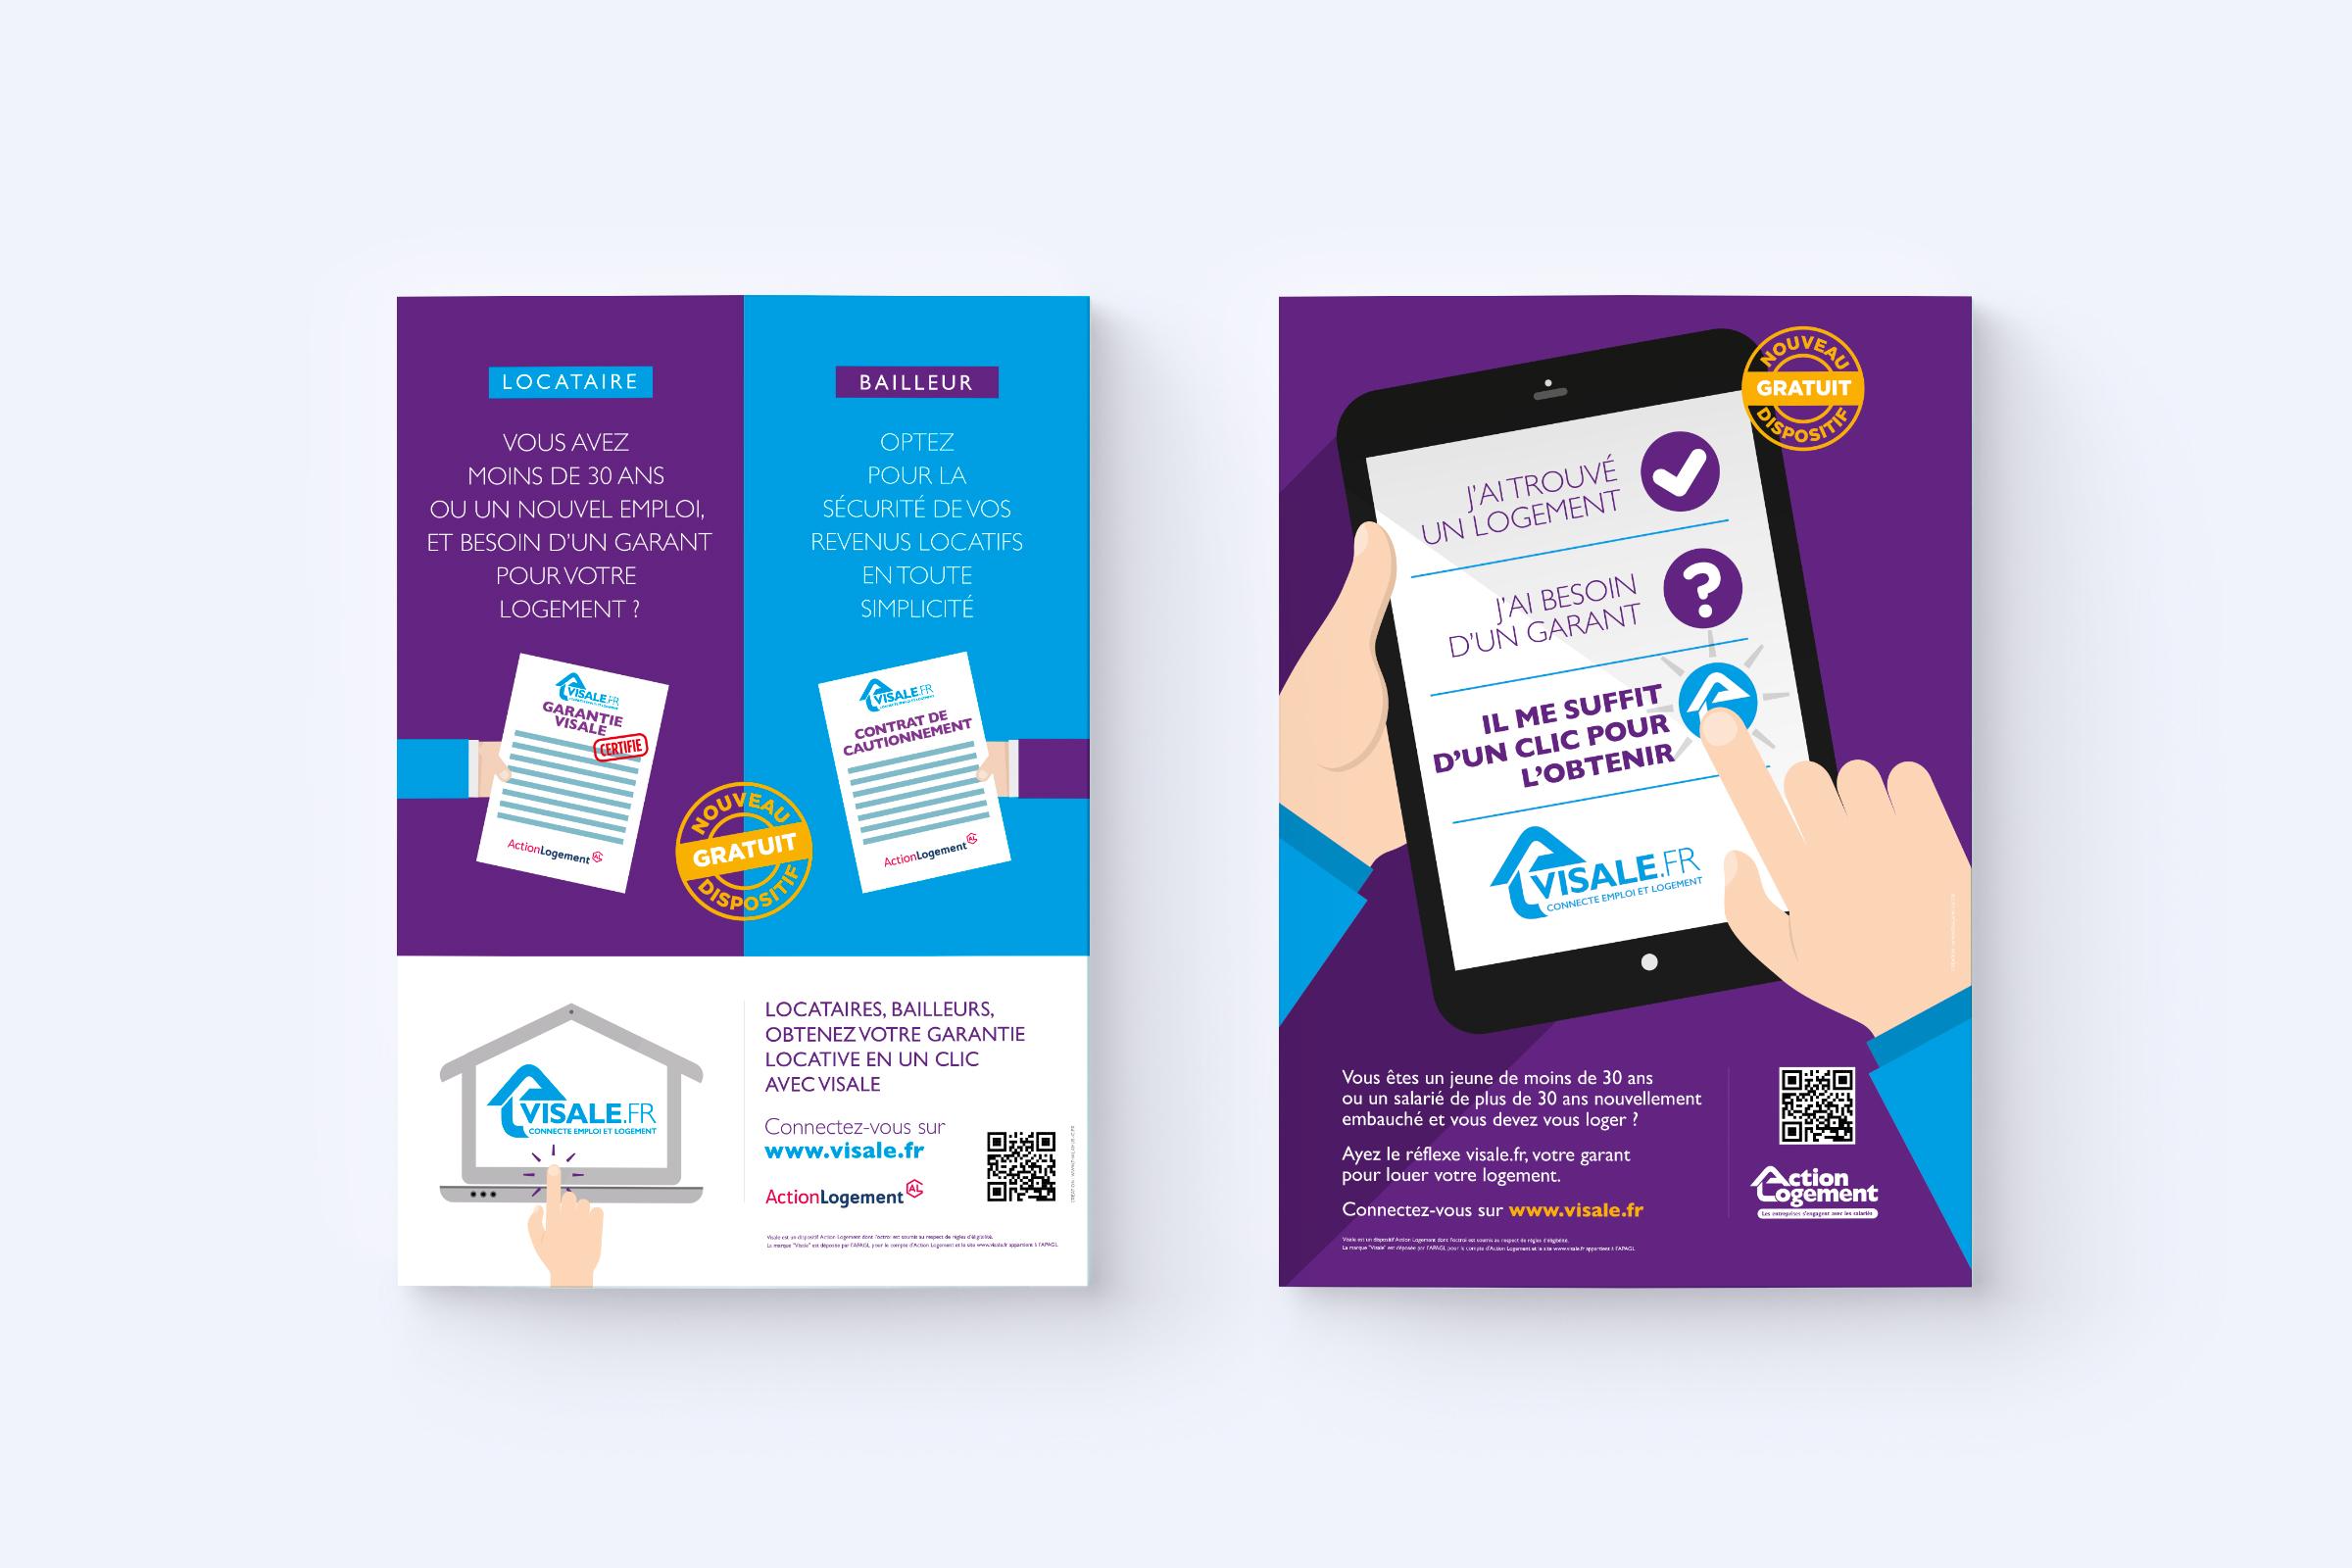 Création affiches campagne Visale